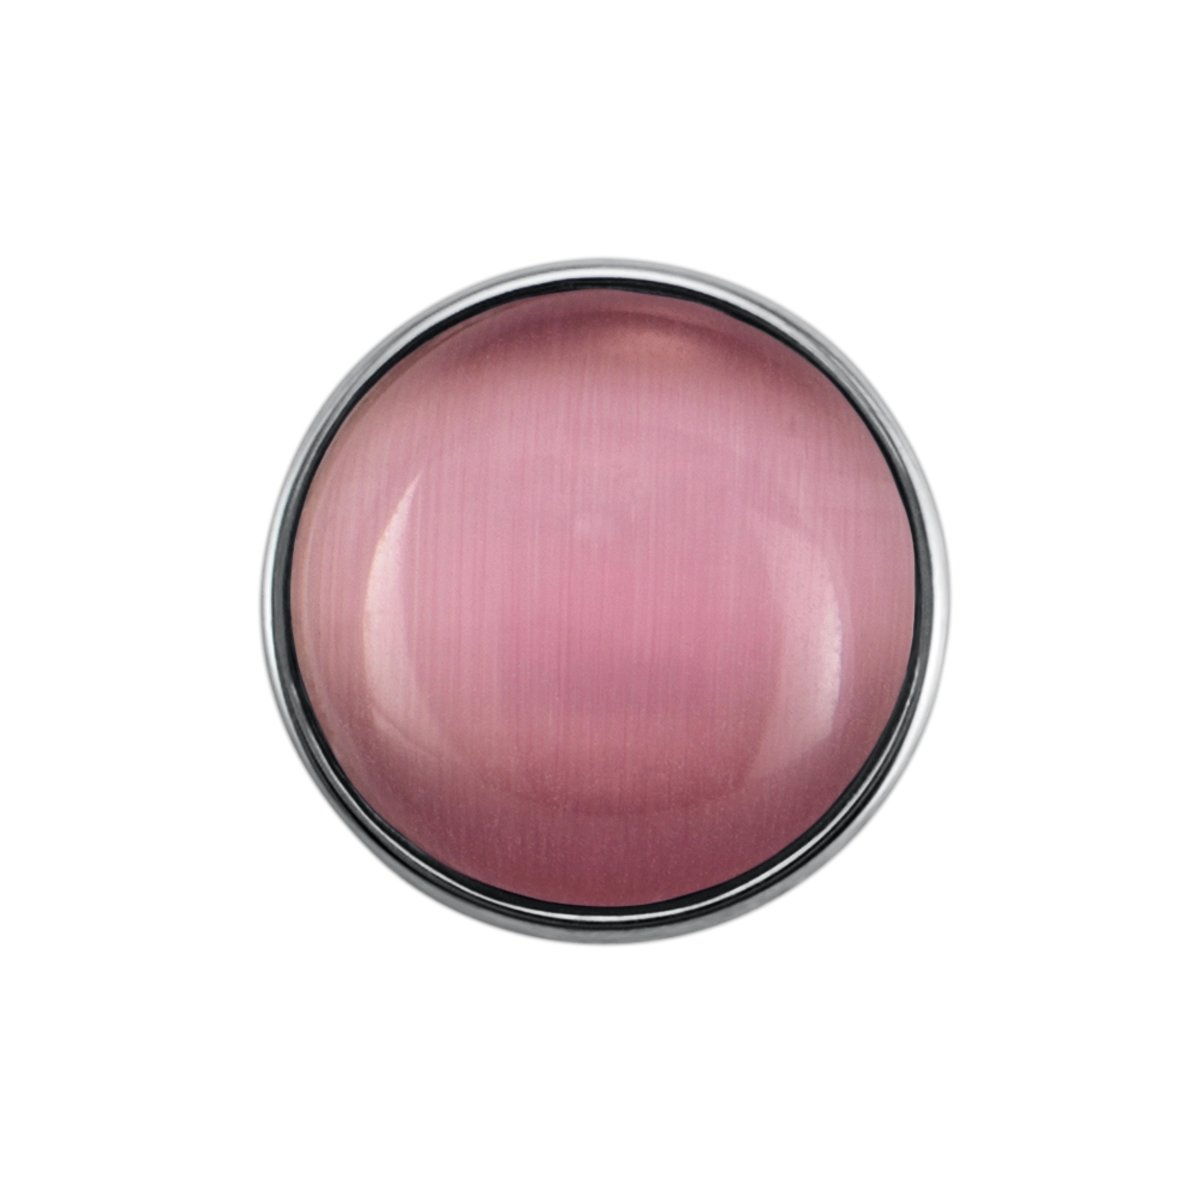 Quiges - Drukknoop Mini 12mm Cateye Roze - EBCMK024 kopen